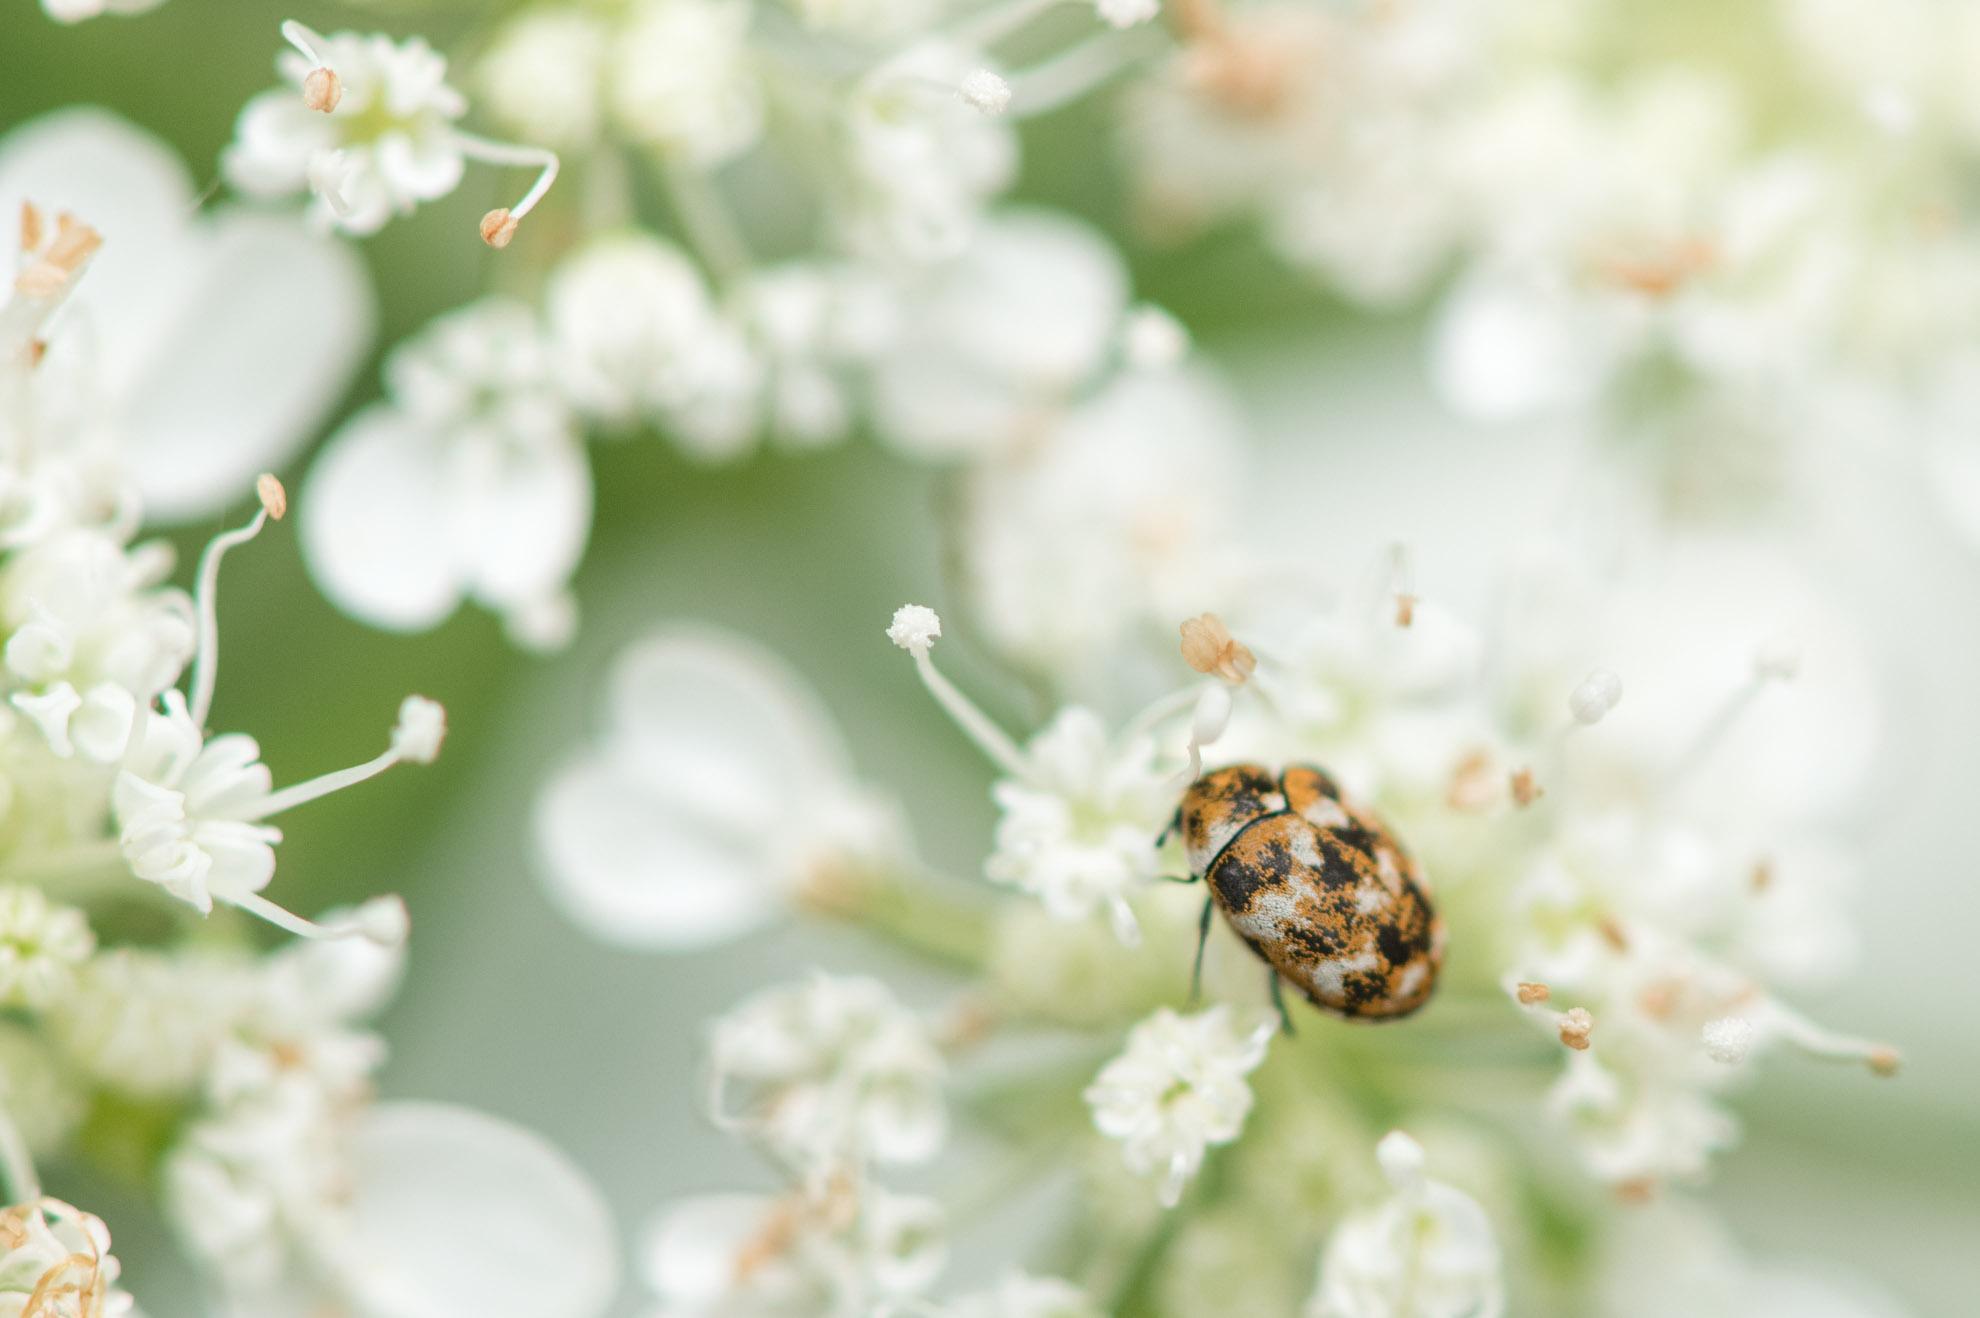 白・黒・茶で小さな虫のヒメマルカツオブシムシ